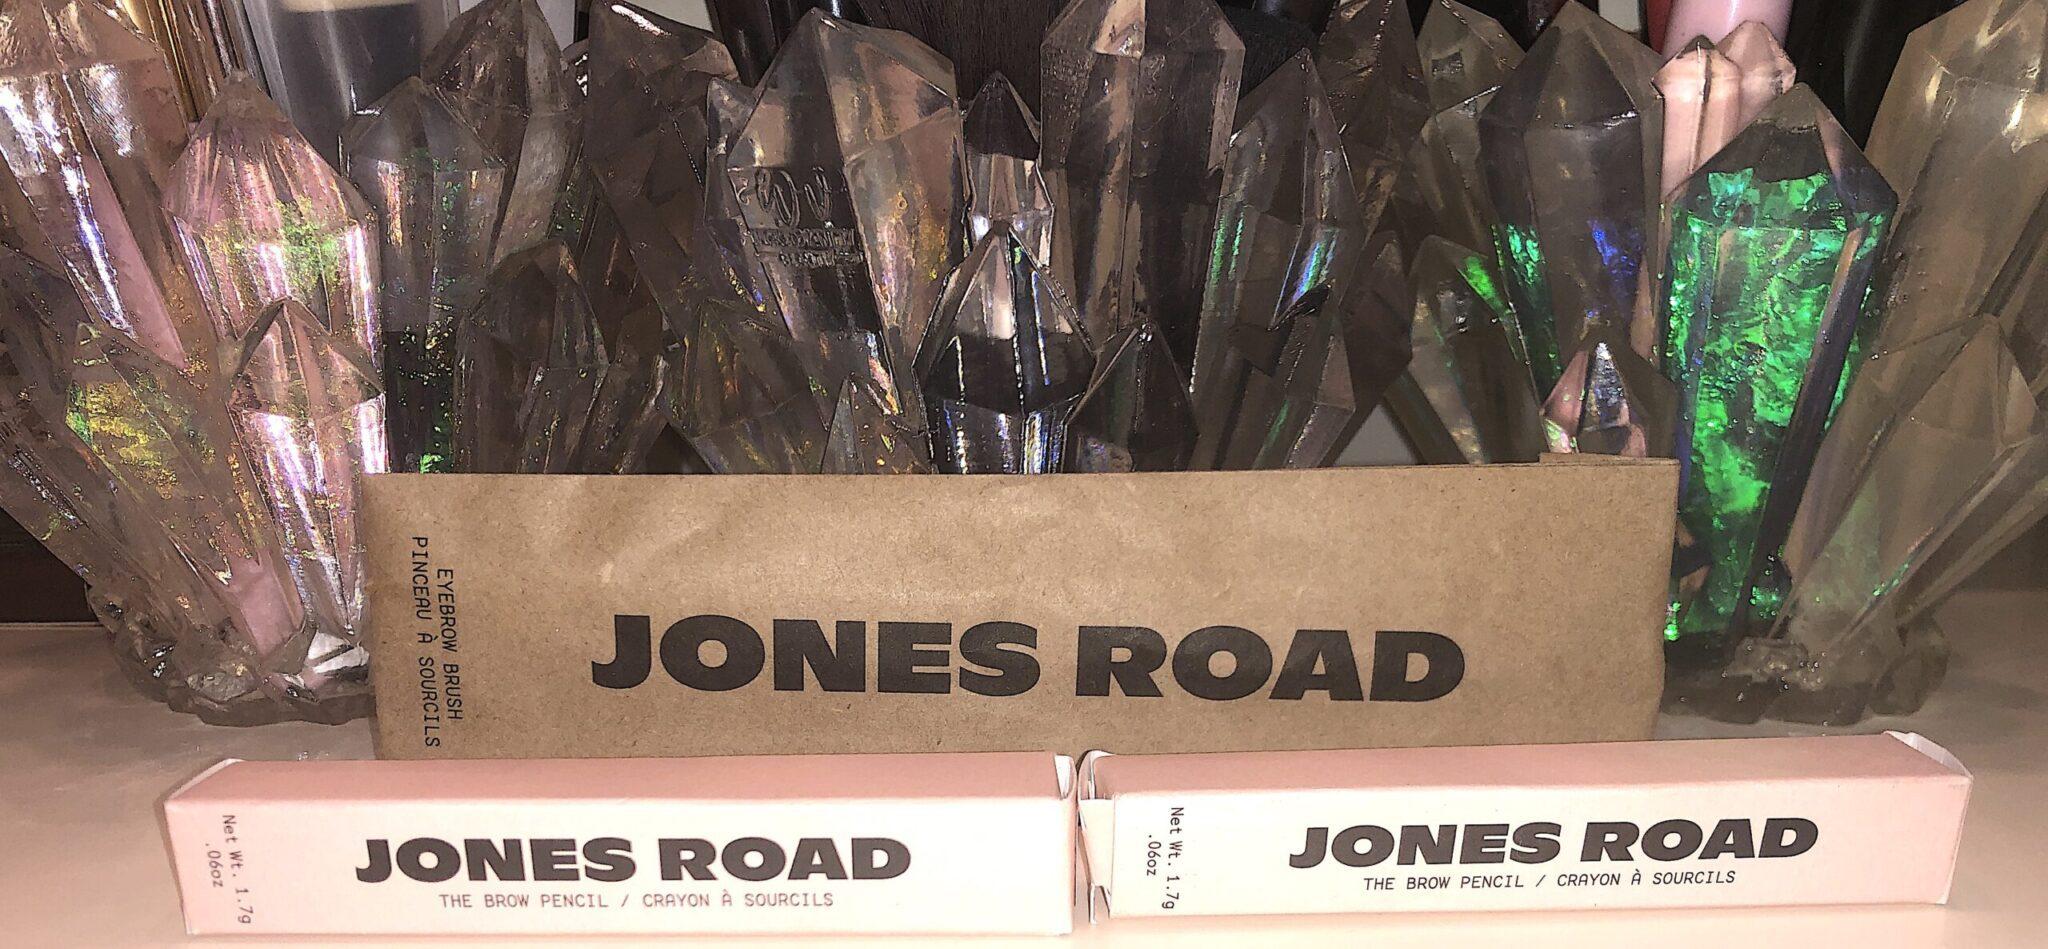 BOBBI BROWN JONES ROAD BROW PENCIL AND BROW BRUSH PACKAGING